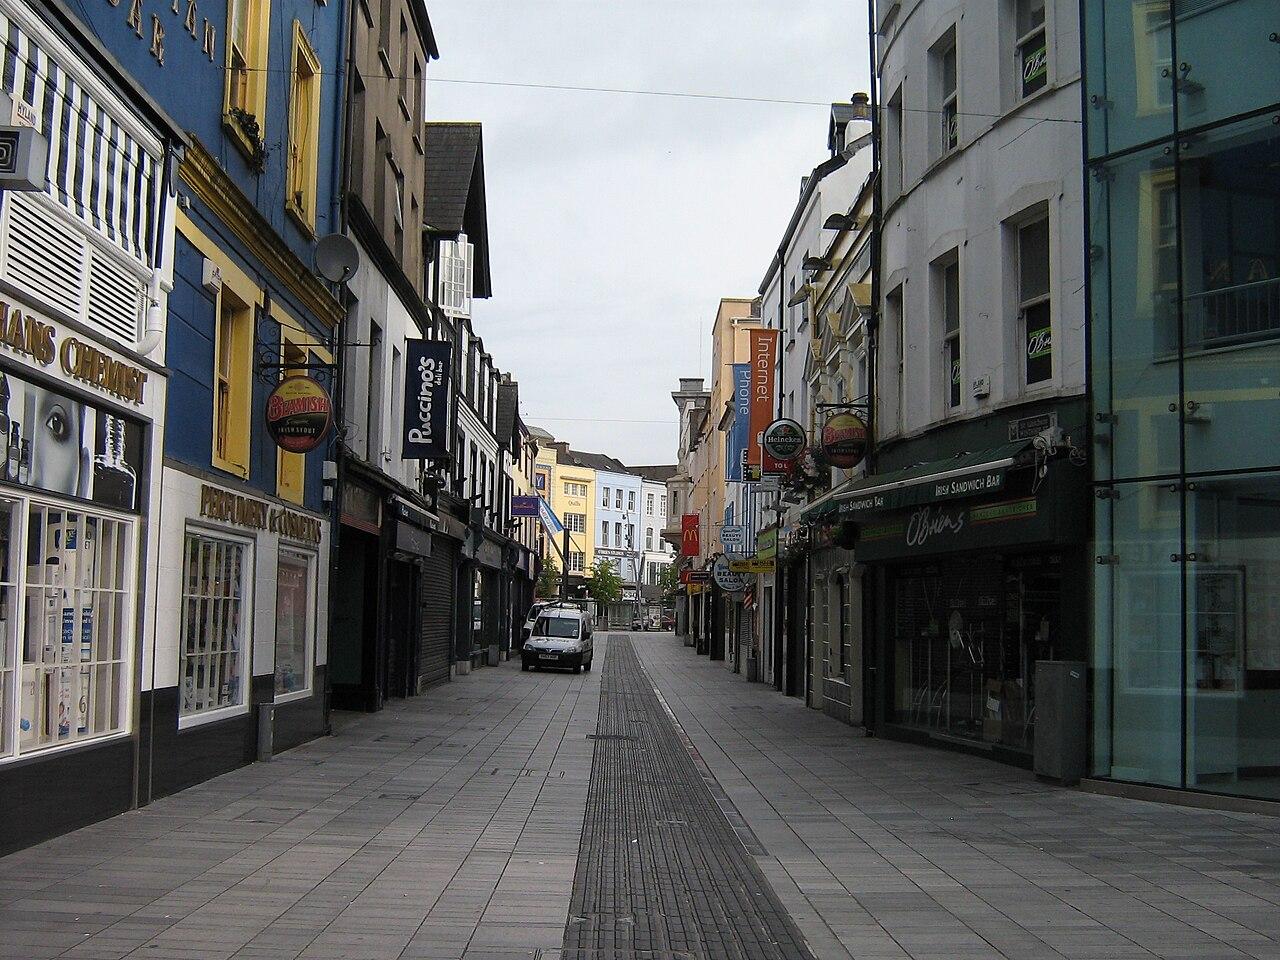 Irish dating Cork irishdating dating for irish singles in Cork